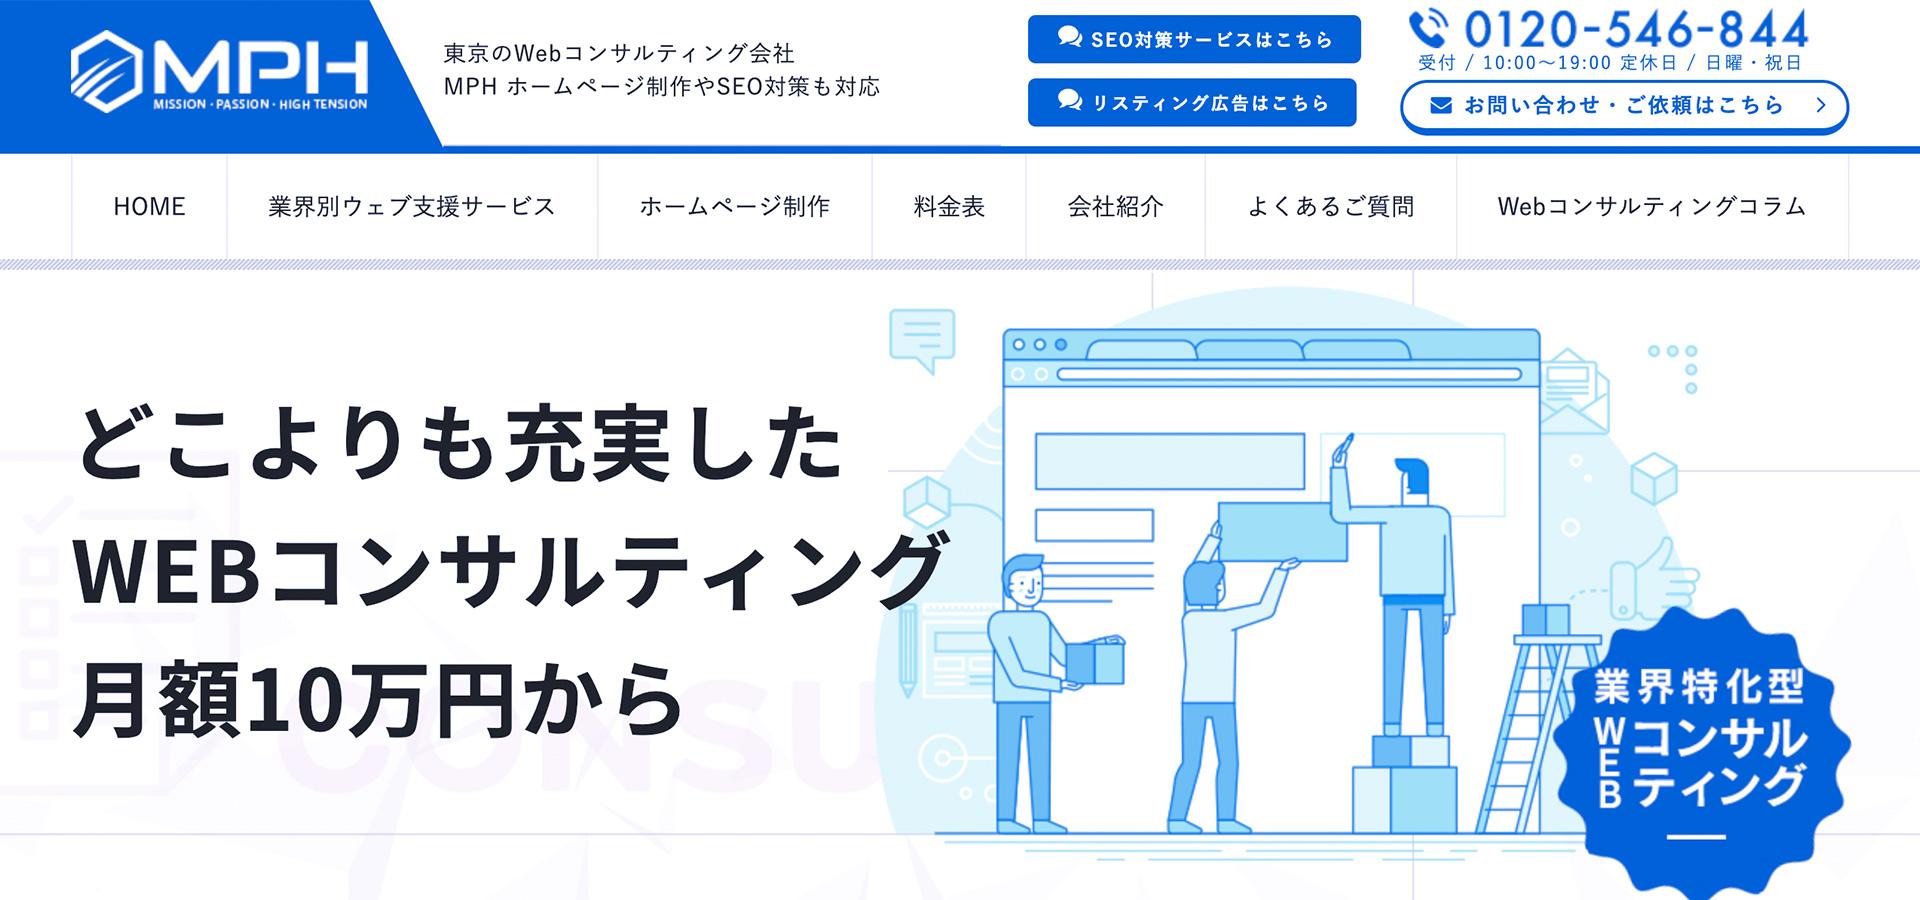 ホームページ制作会社 プラスファクトリー株式会社